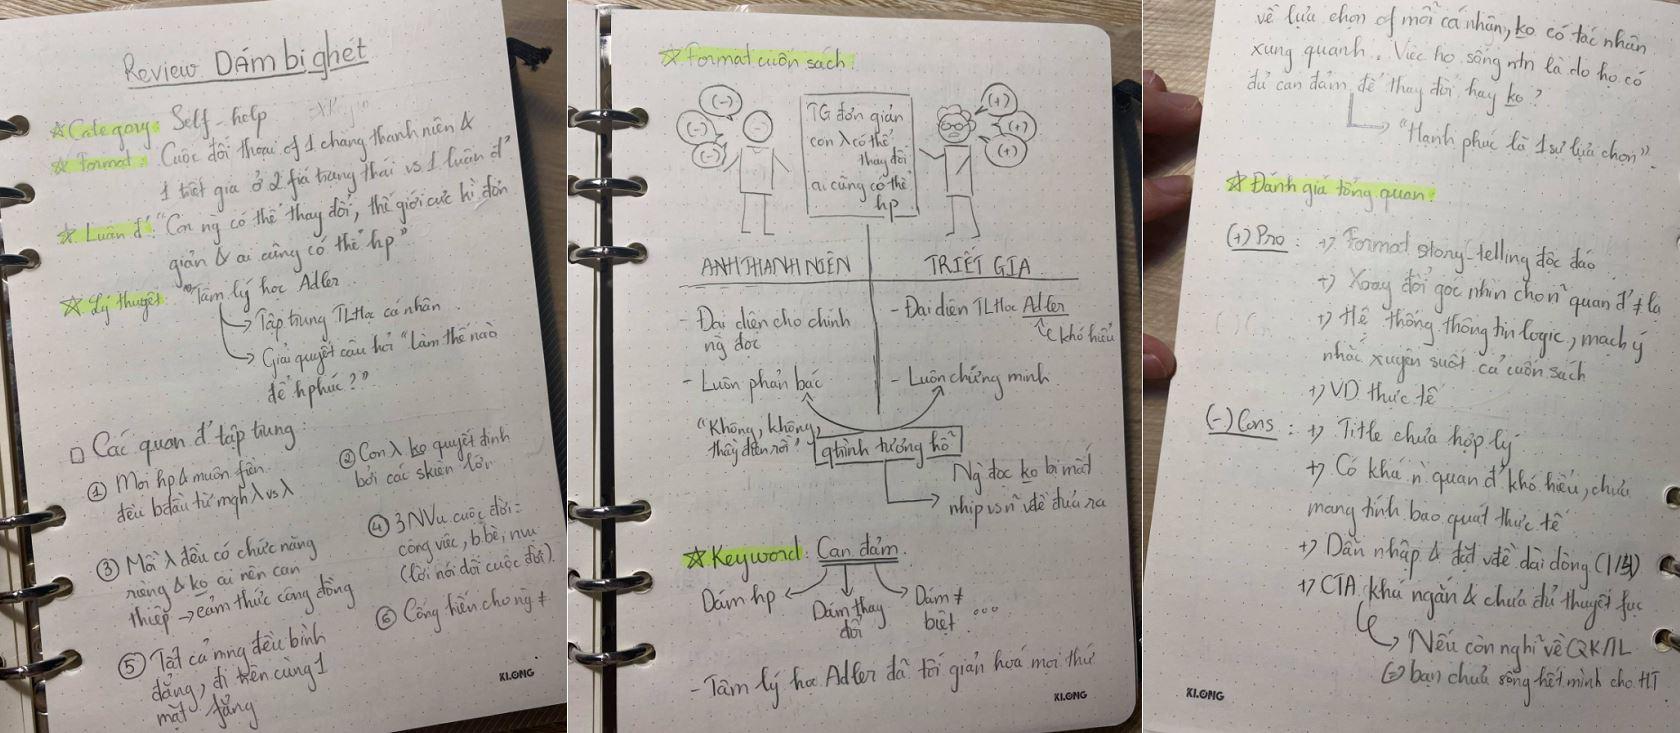 Phạm Thái Bảo Ngọc review sách Dám Bị Ghét - Kishimi Ichiro và Koga Fumitake